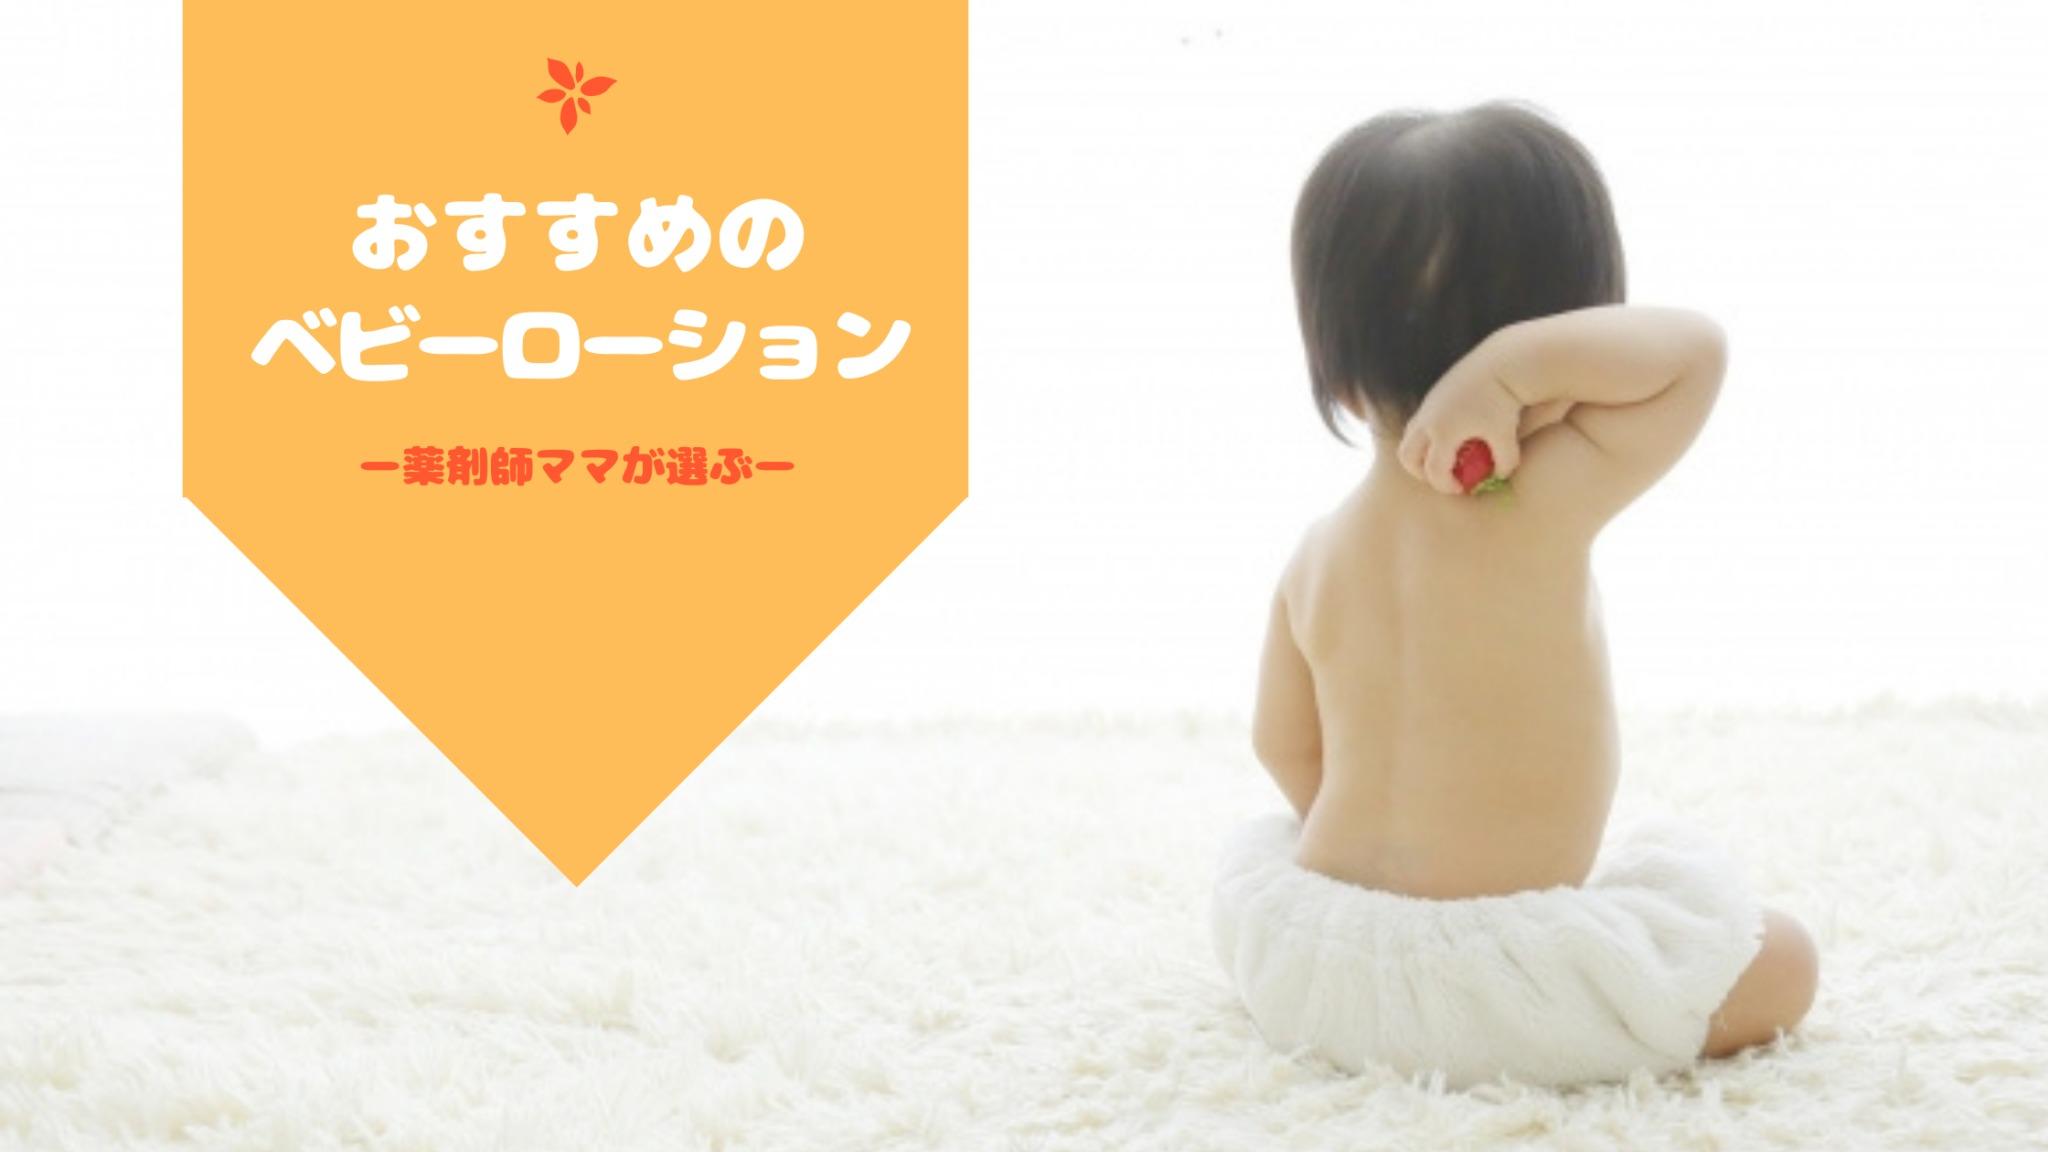 赤ちゃんに安心して使えるベビーローション